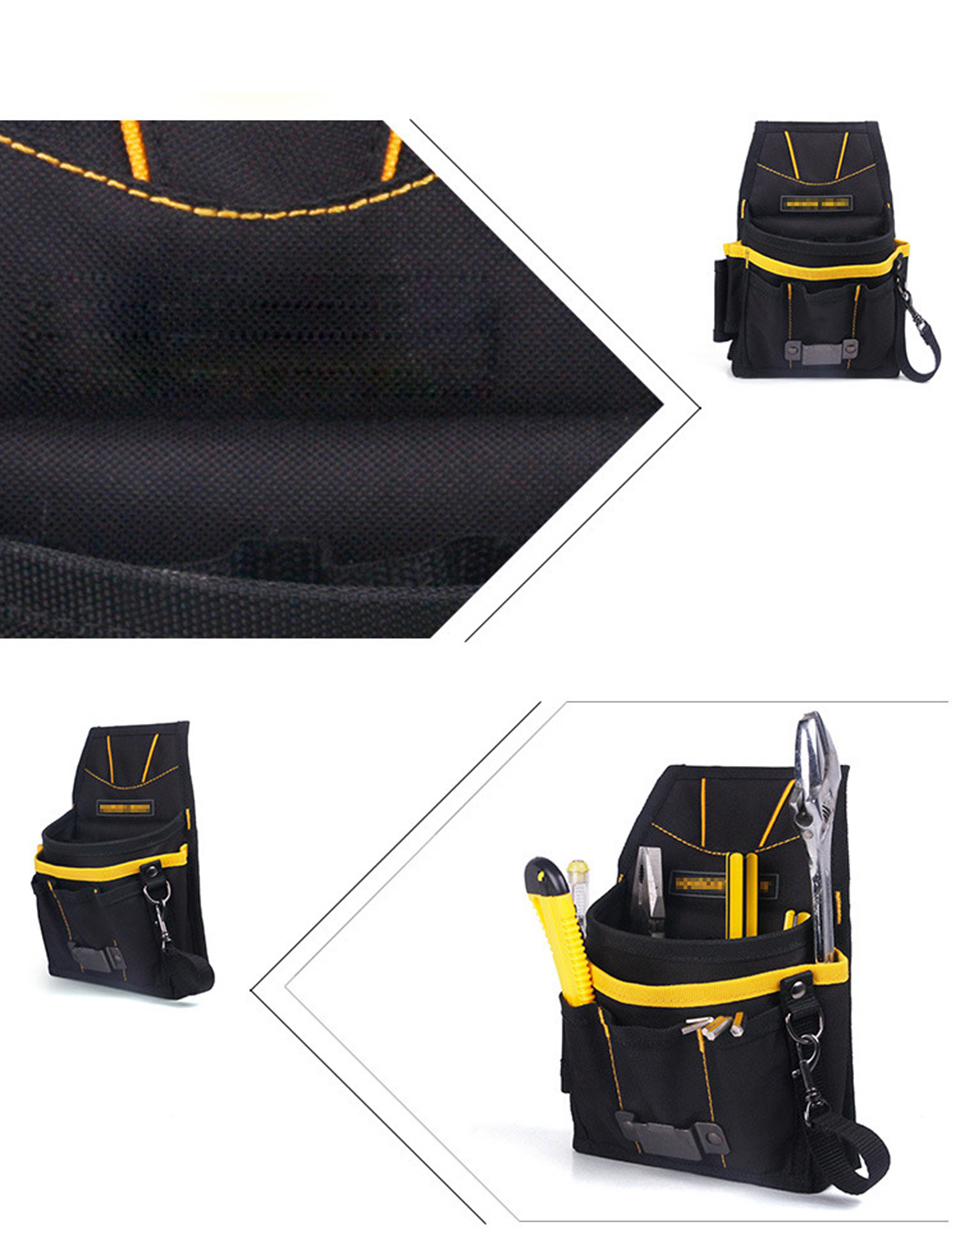 Image 3 - Черный желтый ремень сумка для инструментов сумка для набора инструментов для упаковки автомобиля виниловая пленка MO 304-in Наклейки на автомобиль from Автомобили и мотоциклы on AliExpress - 11.11_Double 11_Singles' Day